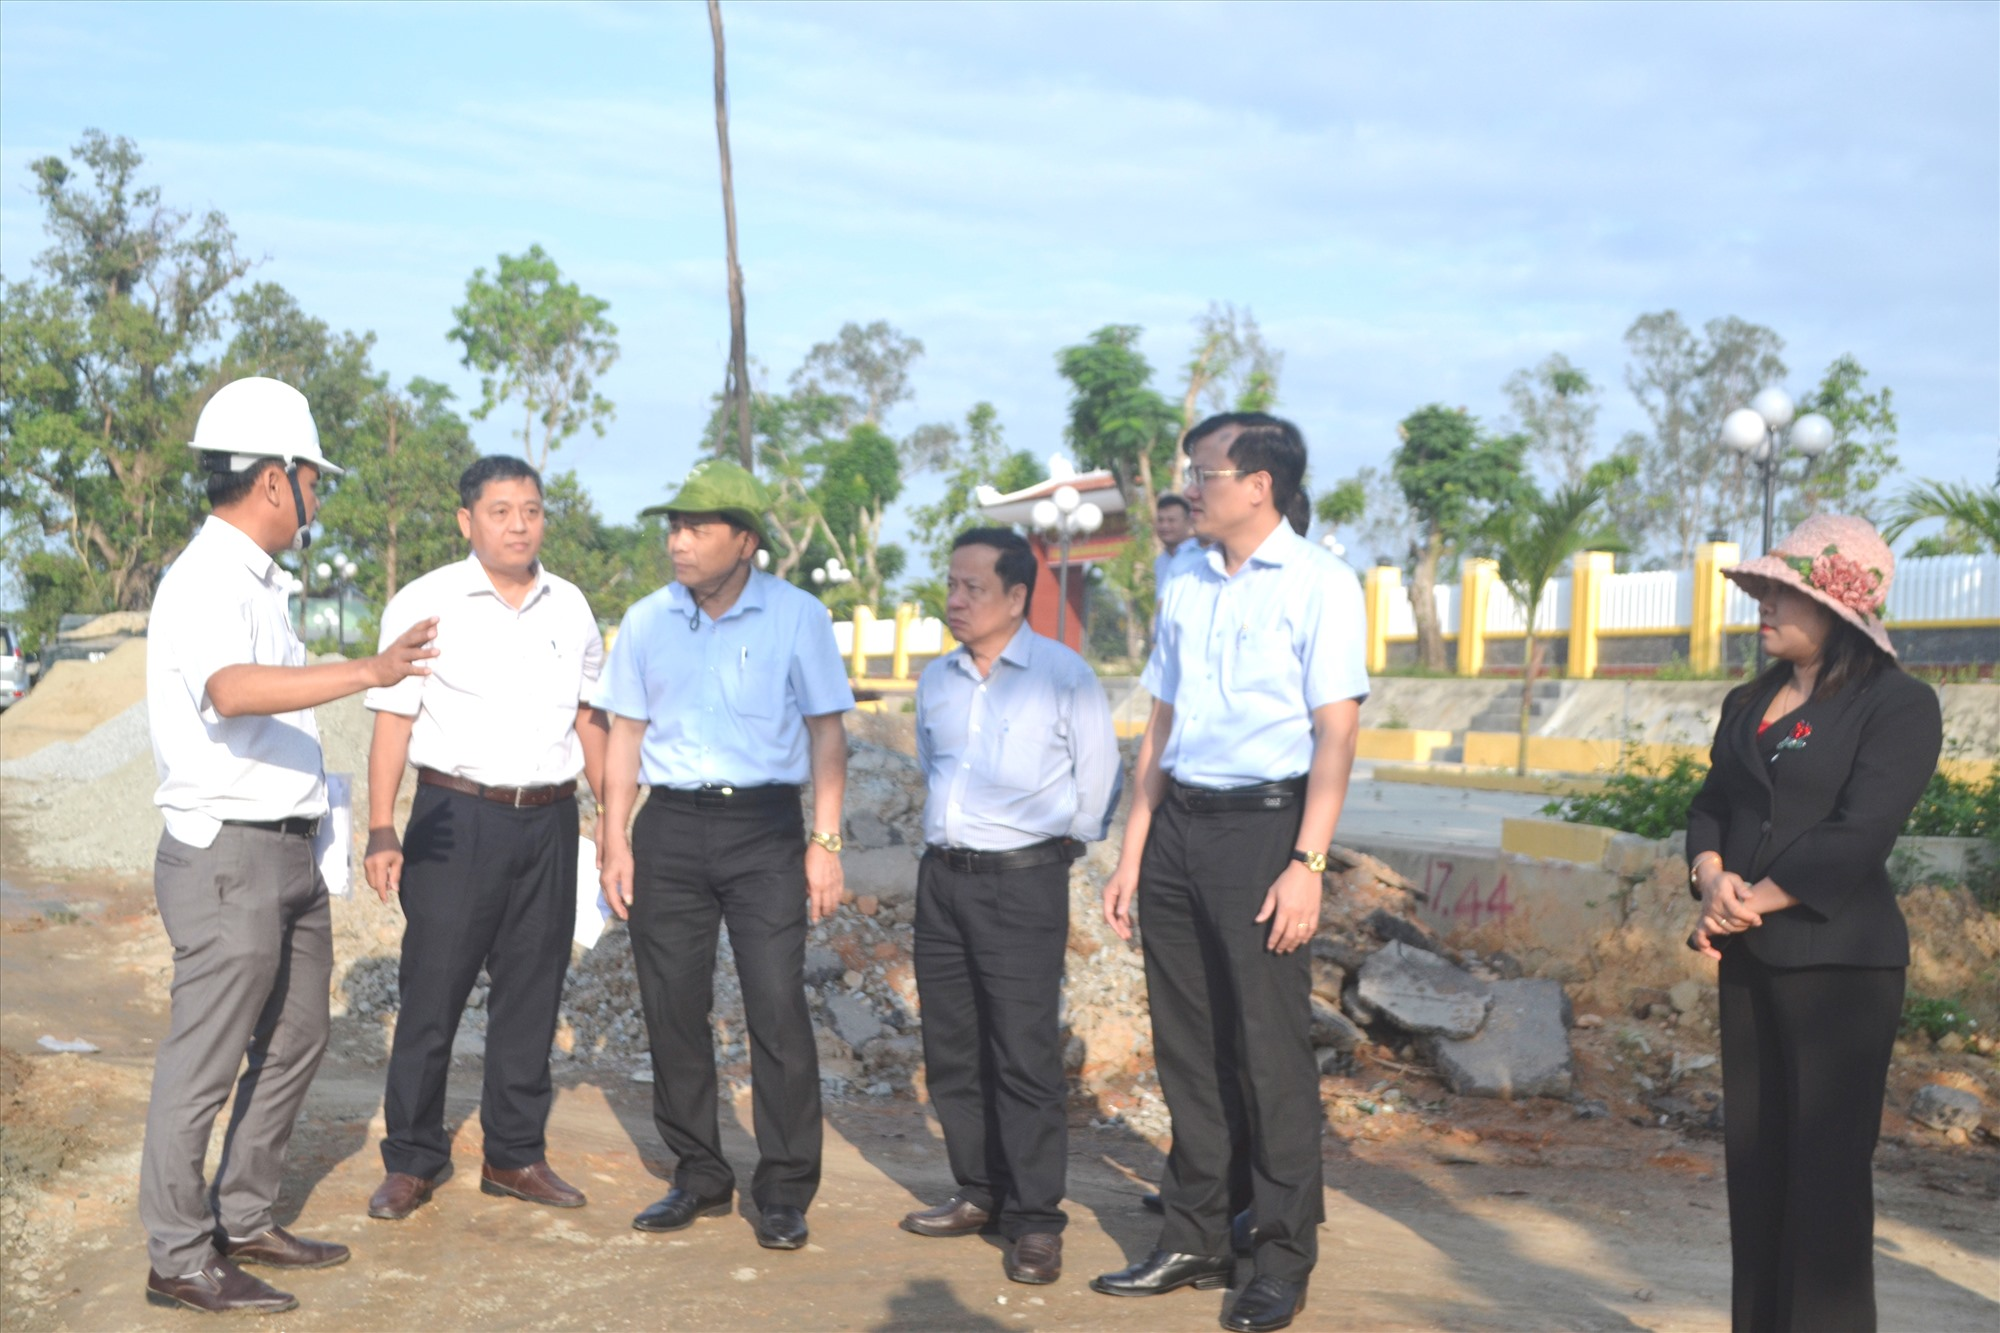 Đồng chí Lê Văn Dũng (thứ 3 từ trái sang) kiểm tra thực tế ách tắc GPMB tại xã Tam Thái. Ảnh: CT